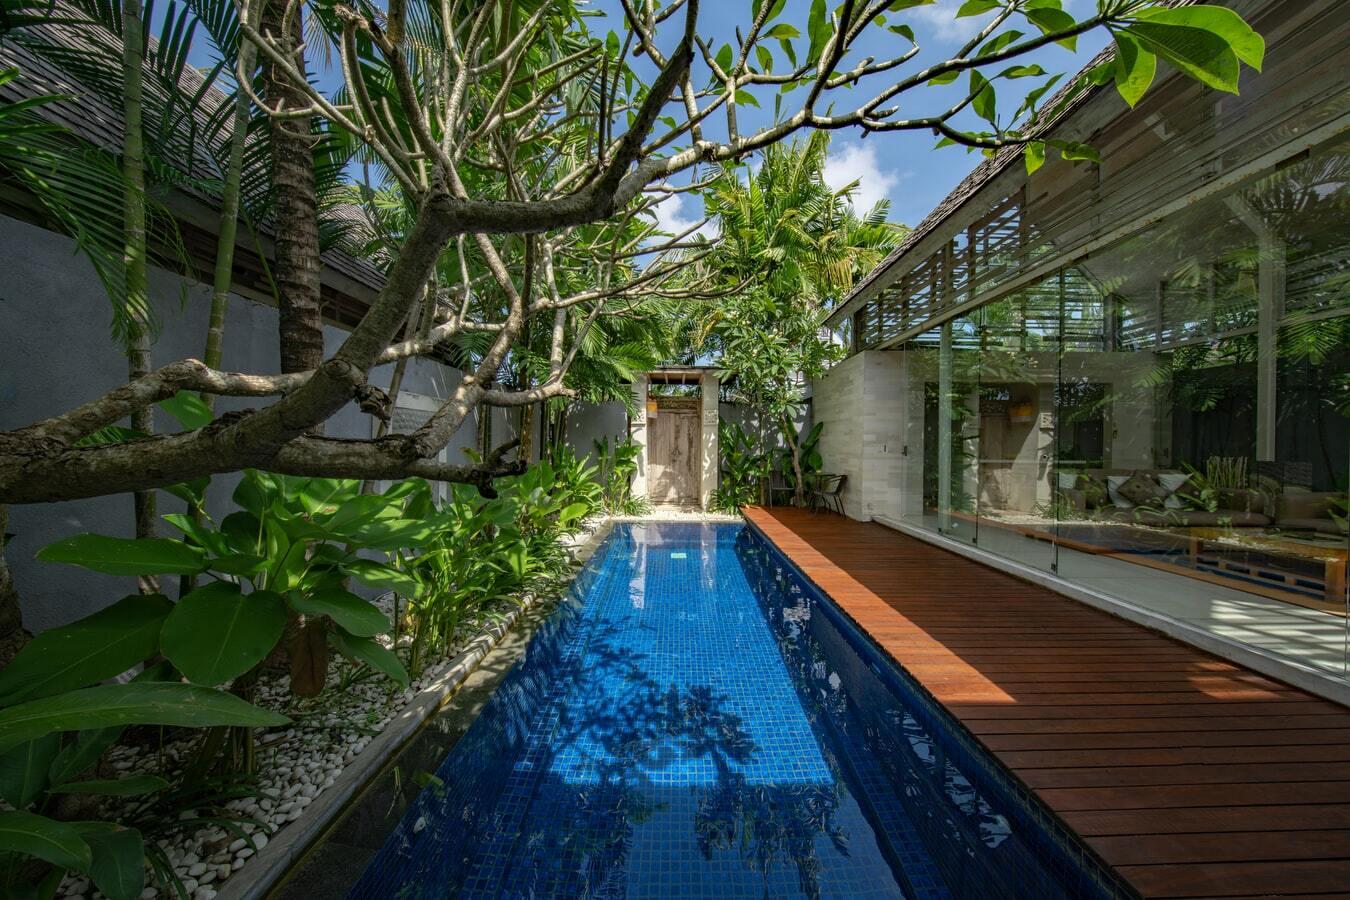 Taman tropis dengan penataan minimalis modern dan kolam renang, foto: unsplash.com